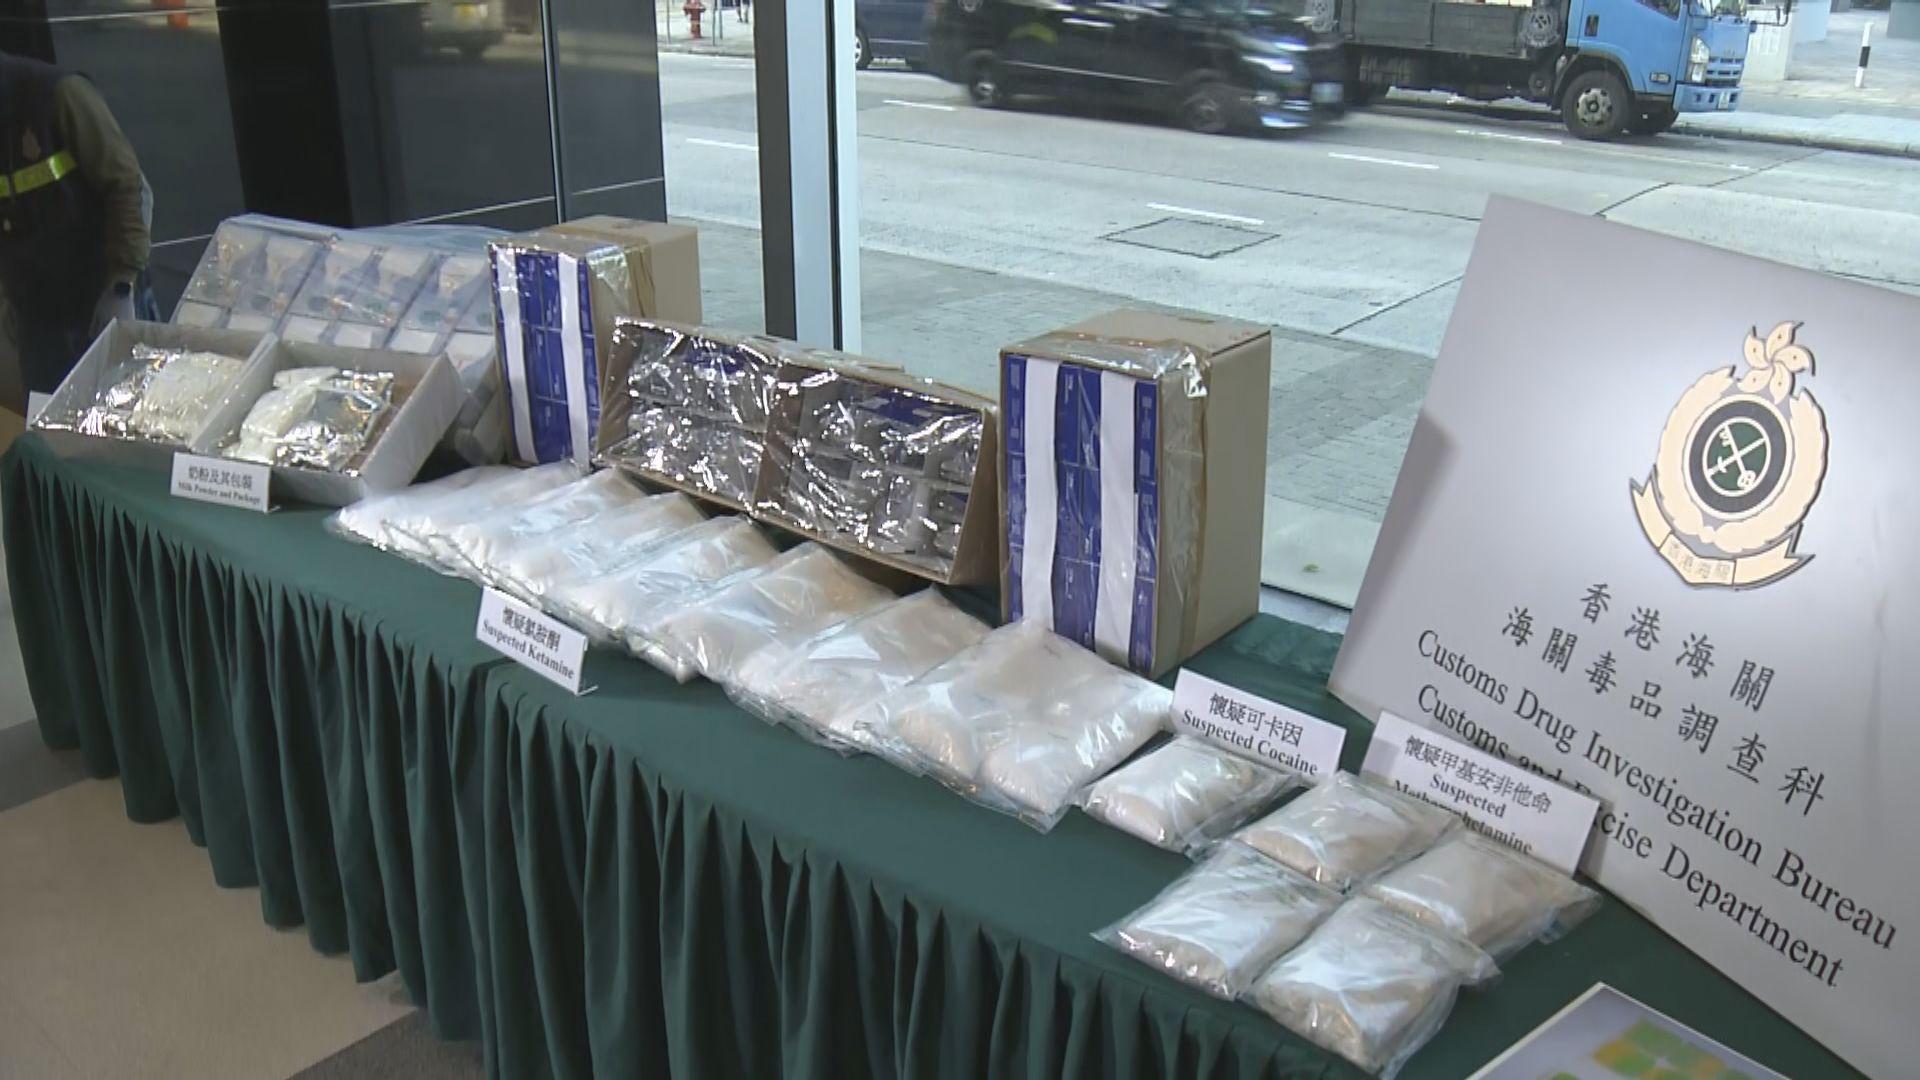 海關檢獲逾1400萬元毒品 拘兩人